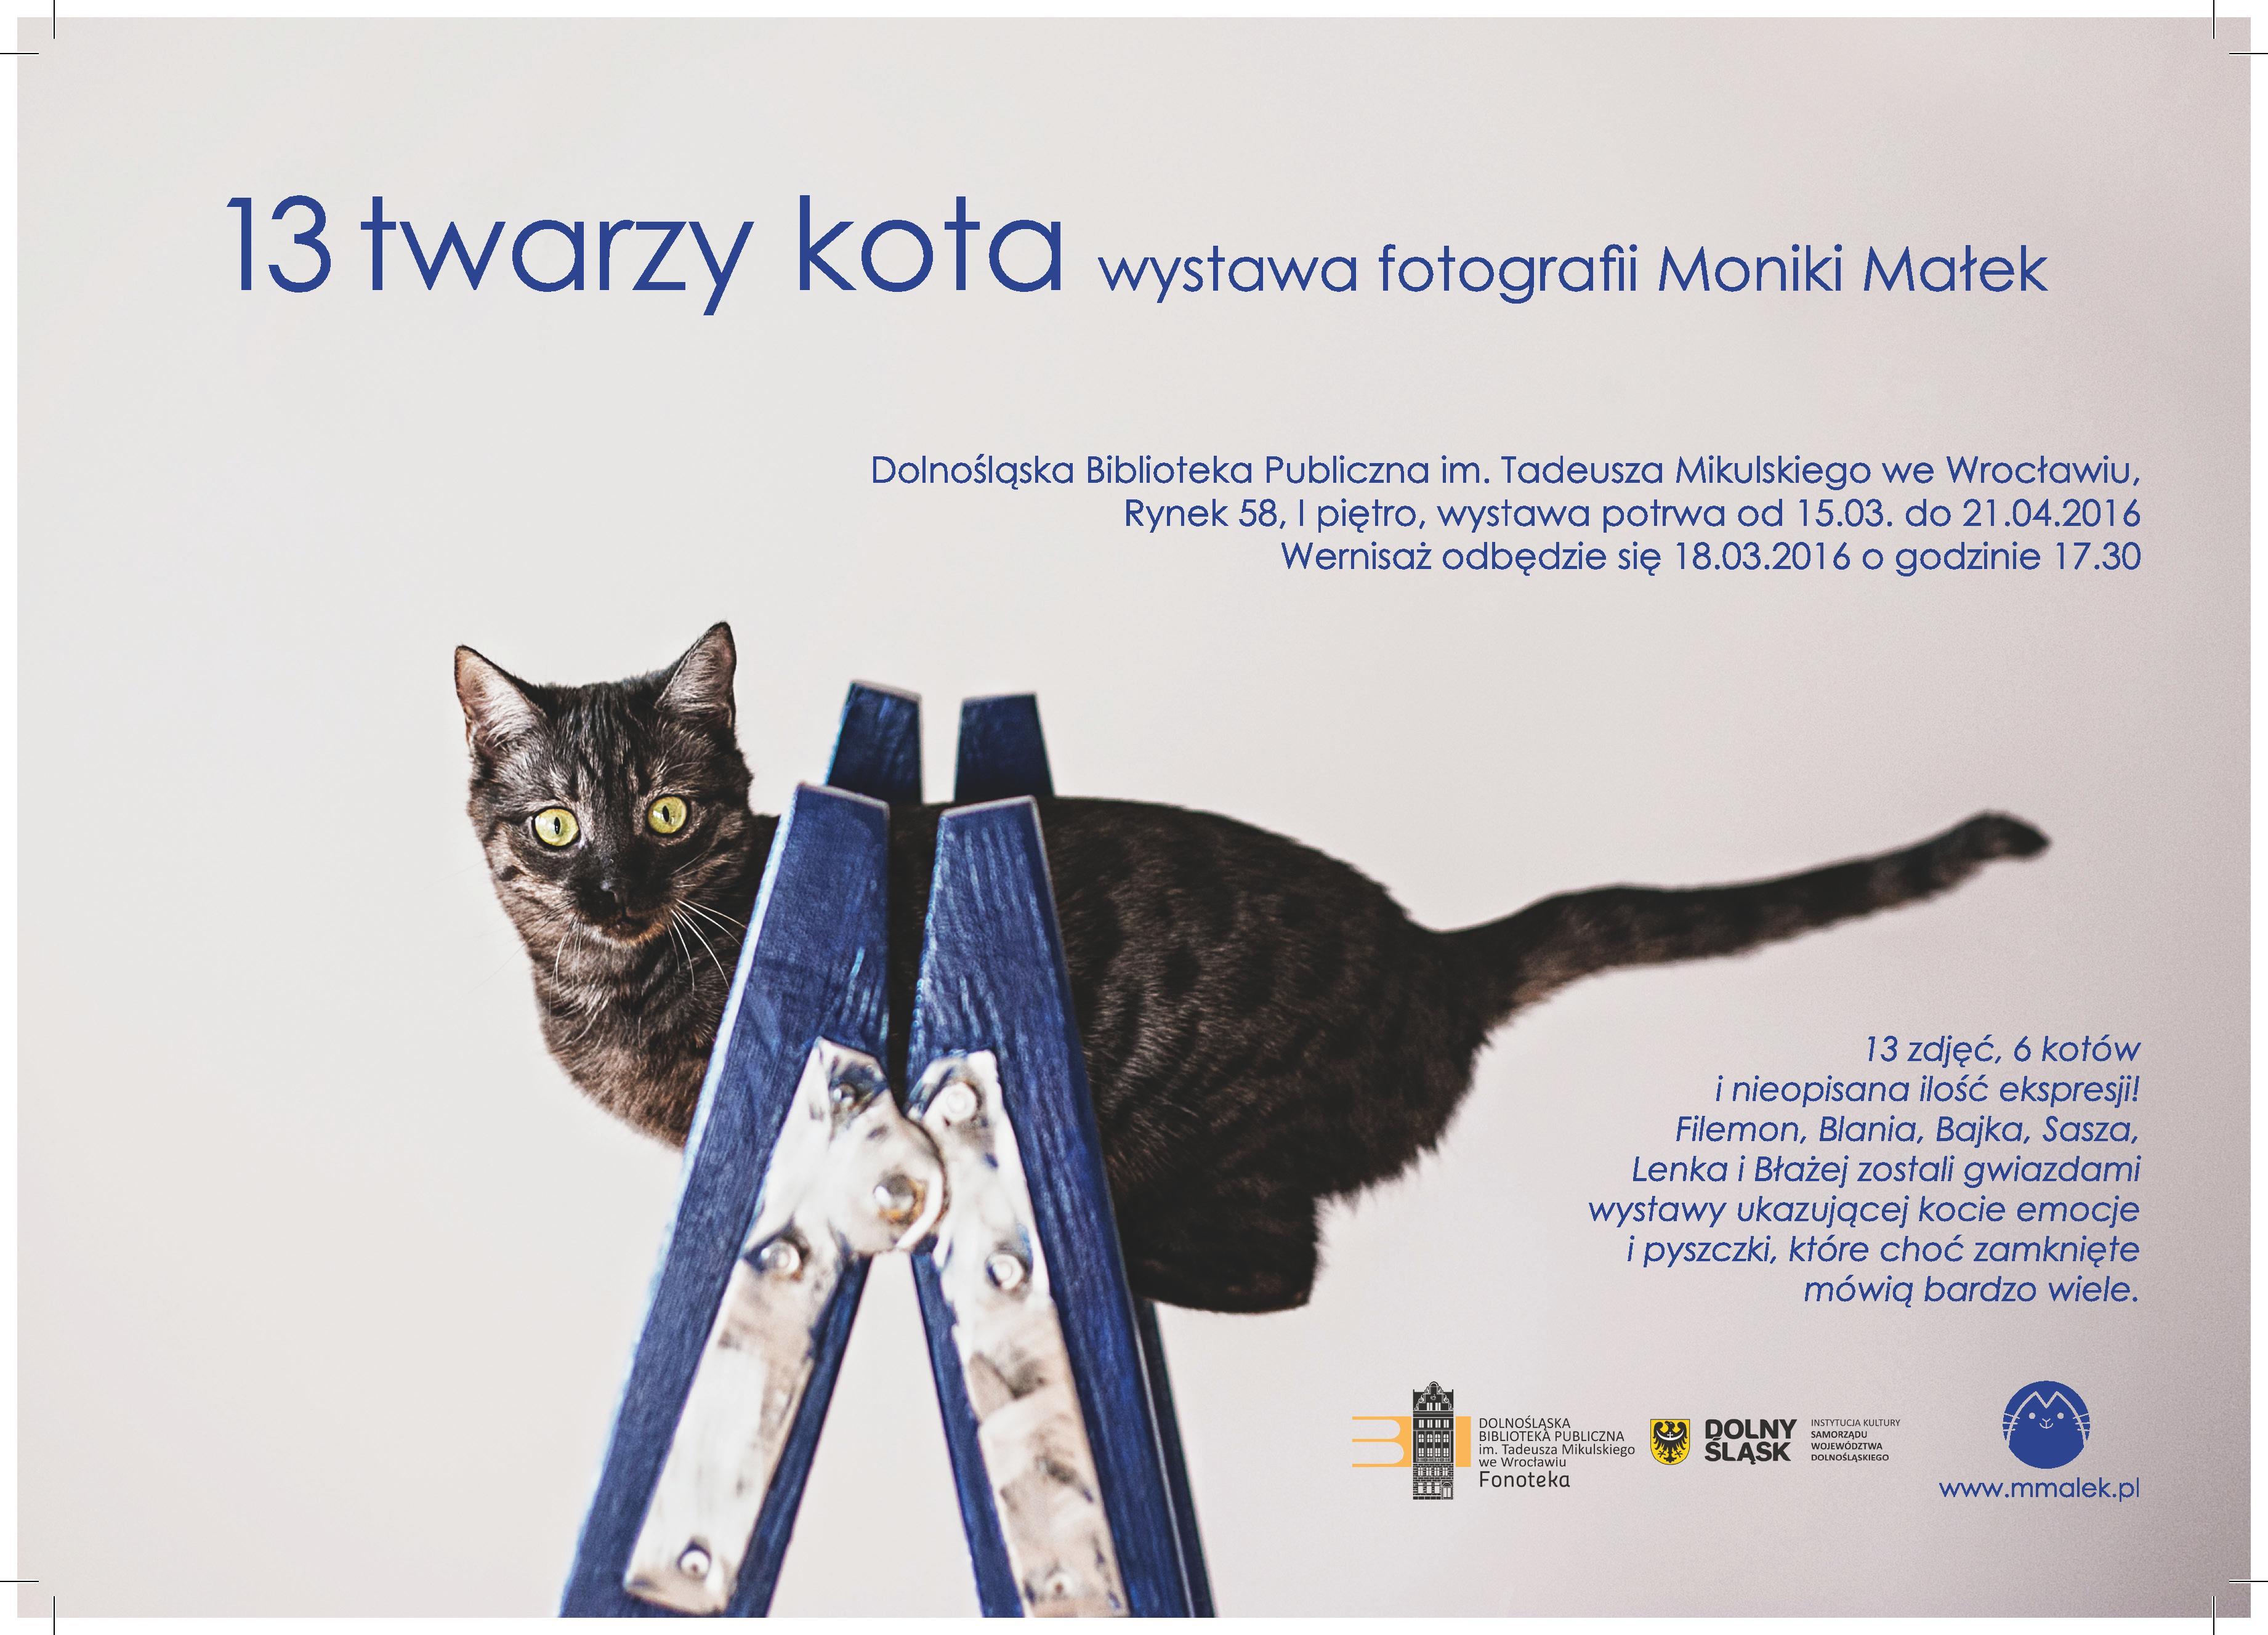 13 twarzy kota – Wystawa fotografii Moniki Małek